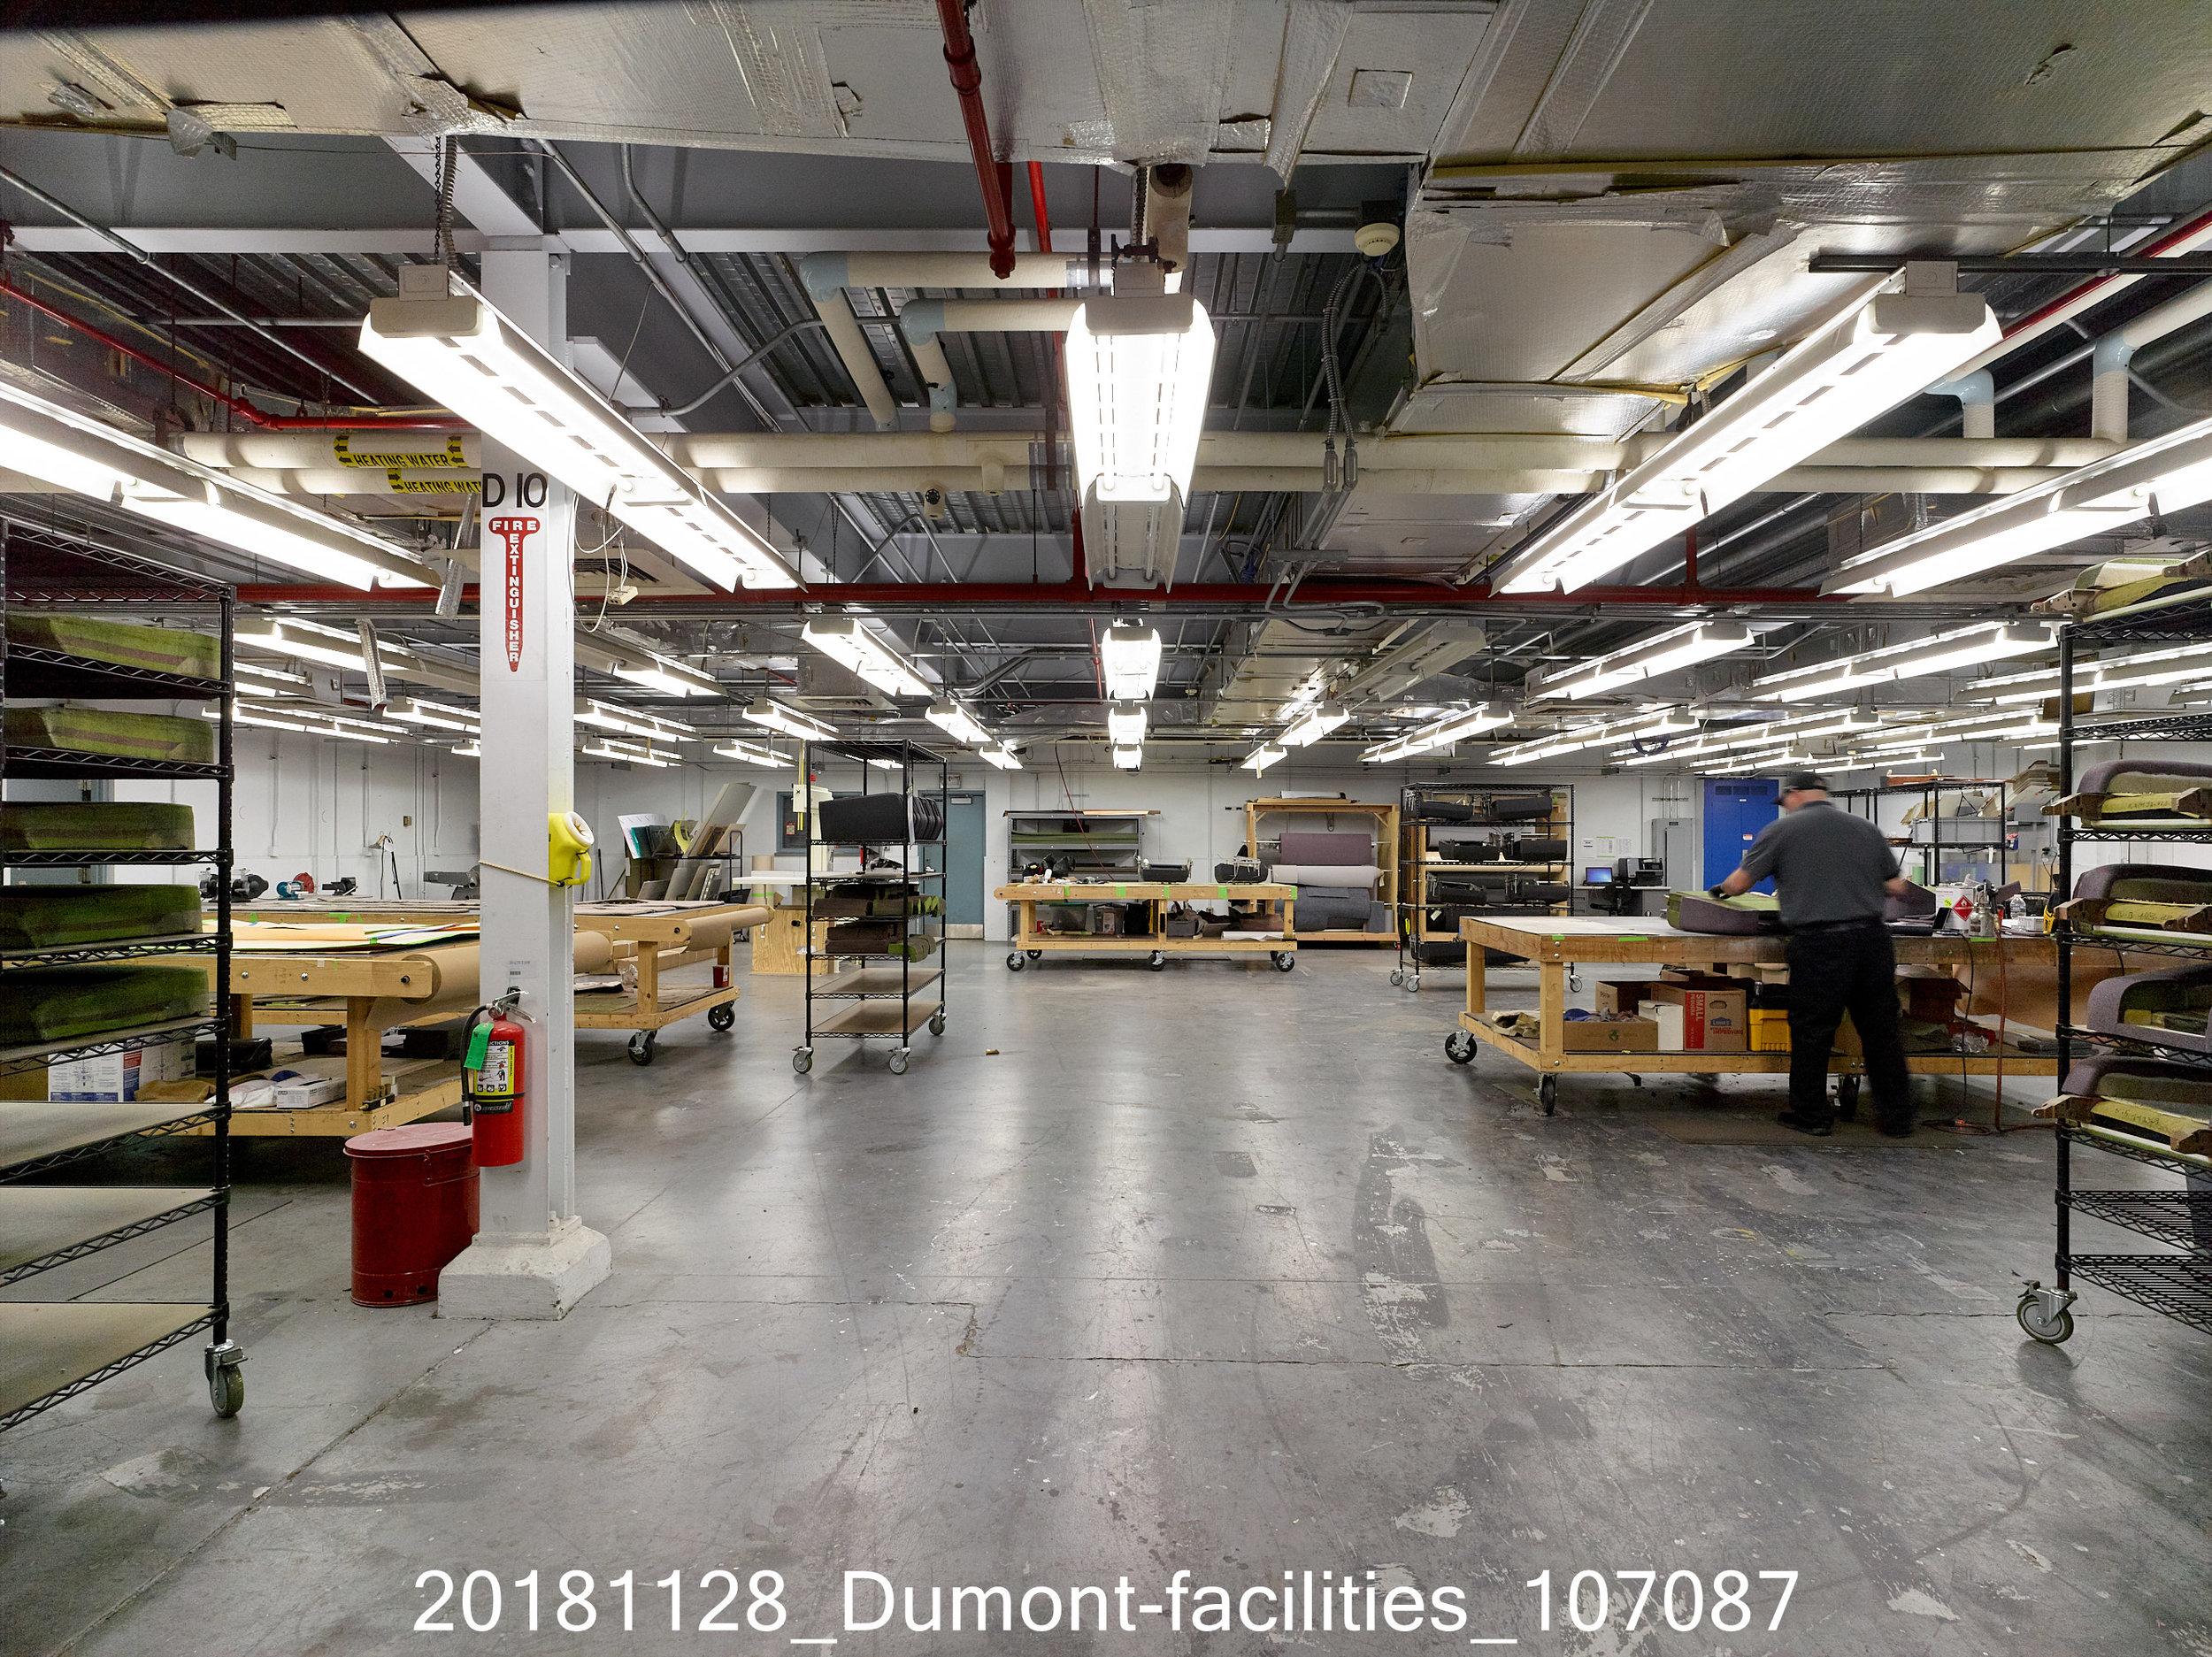 20181128_Dumont-facilities_107087.jpg